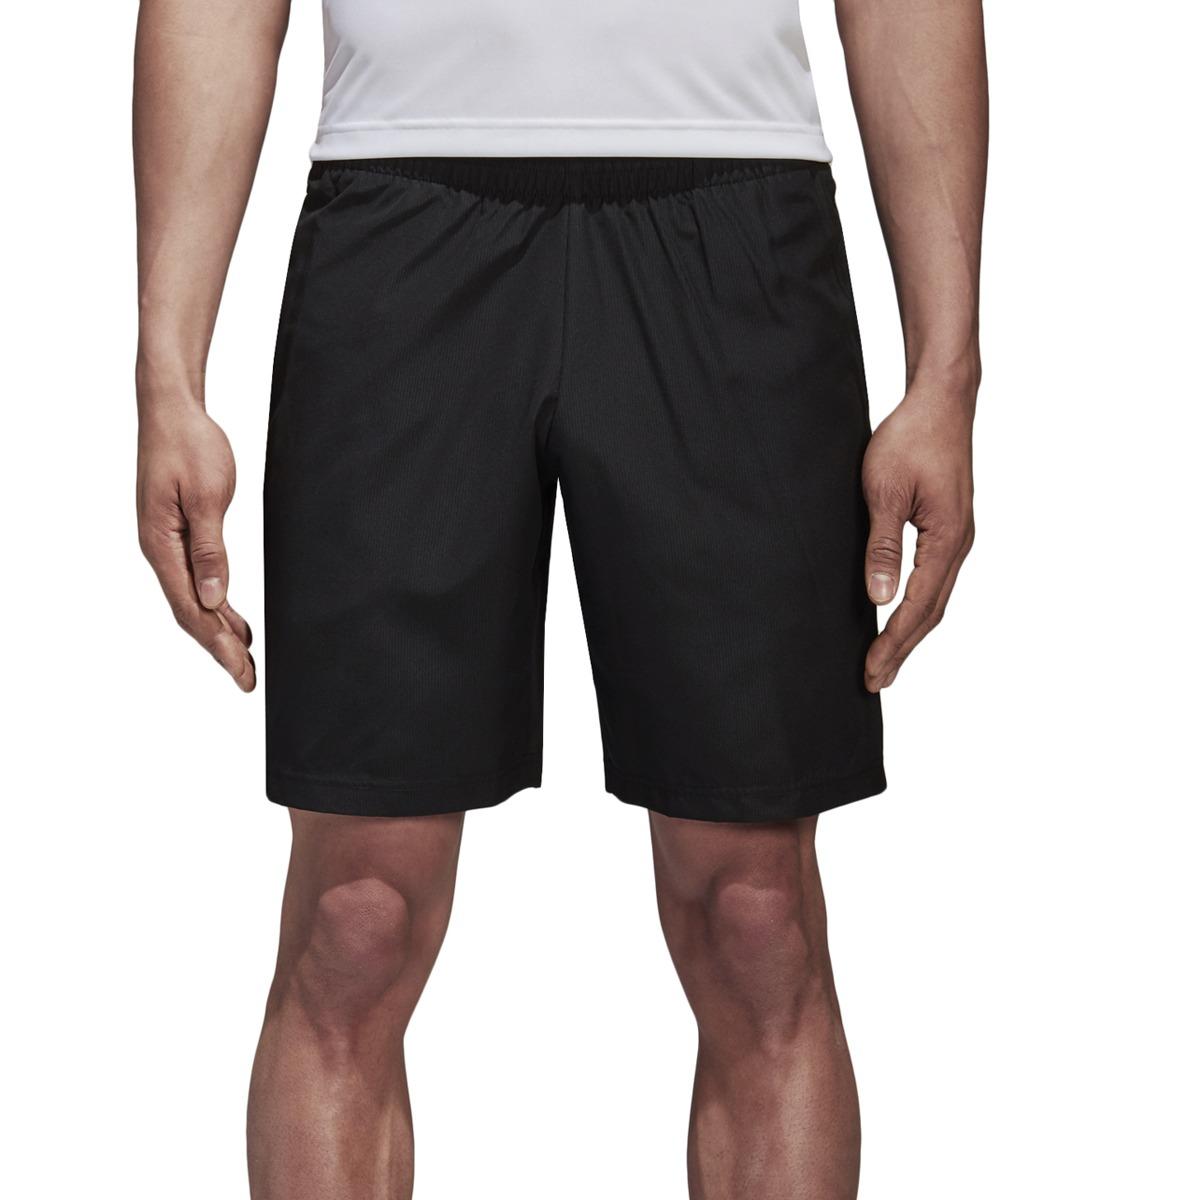 Bermuda 1 En Short Adidas Mercado 00 Ng Tennis Hombre Club Libre 799 tHtUYqAw